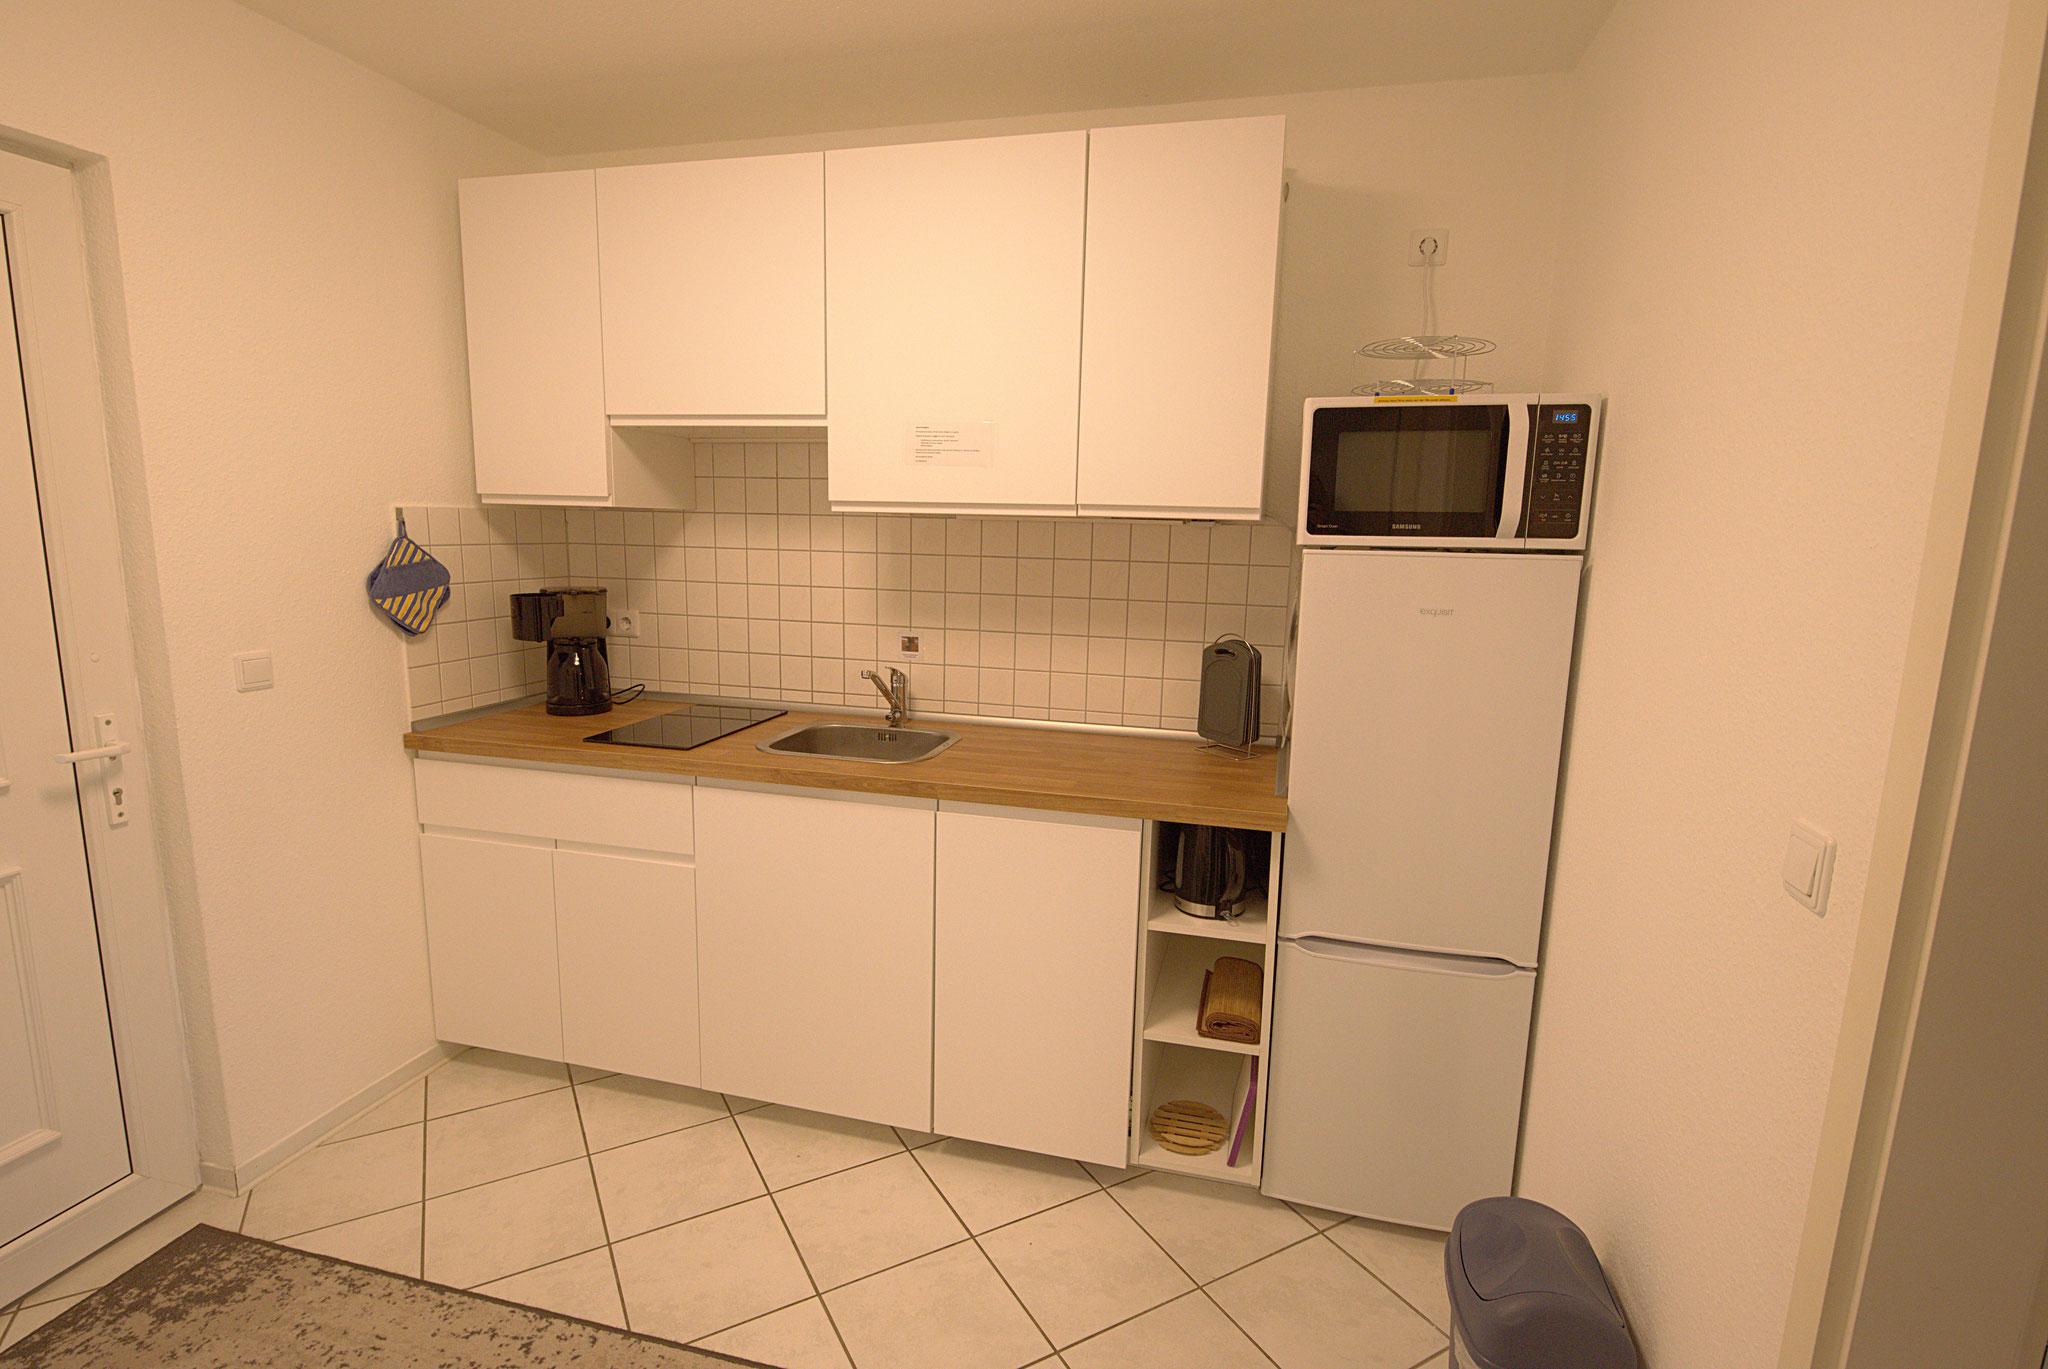 Küchenzeile mit 2 Plattenceranfeld, Geschirrspüler und Mikrowelle mit Heißluft